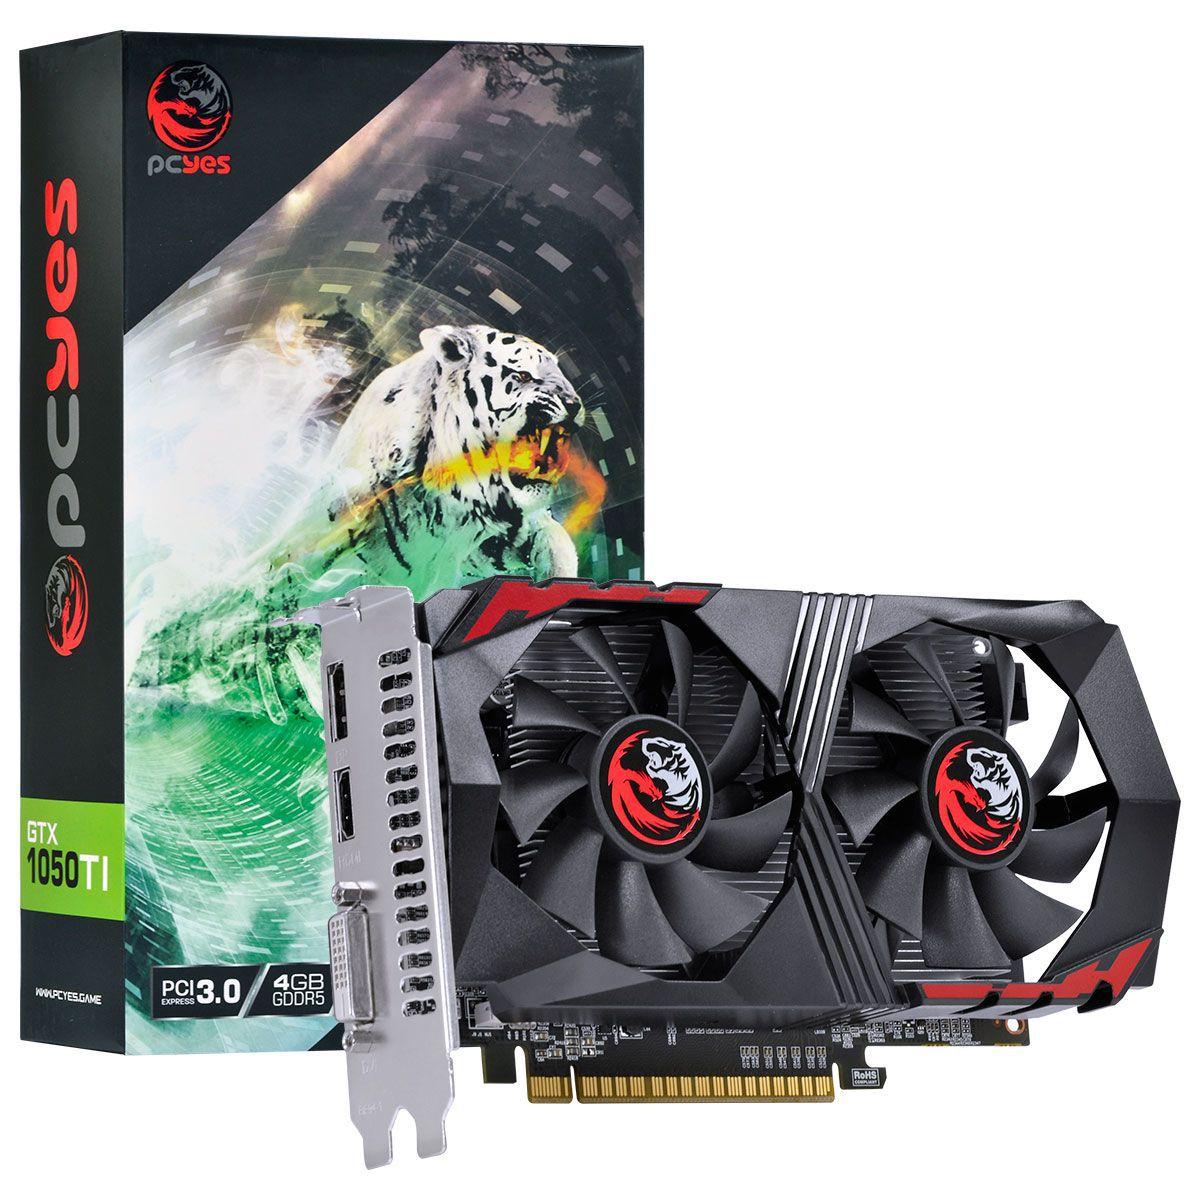 PLACA DE VIDEO PCYES GEFORCE GTX 1050TI 4GB DDR5 128BITS DUAL FAN PA1050TI12804G5DF